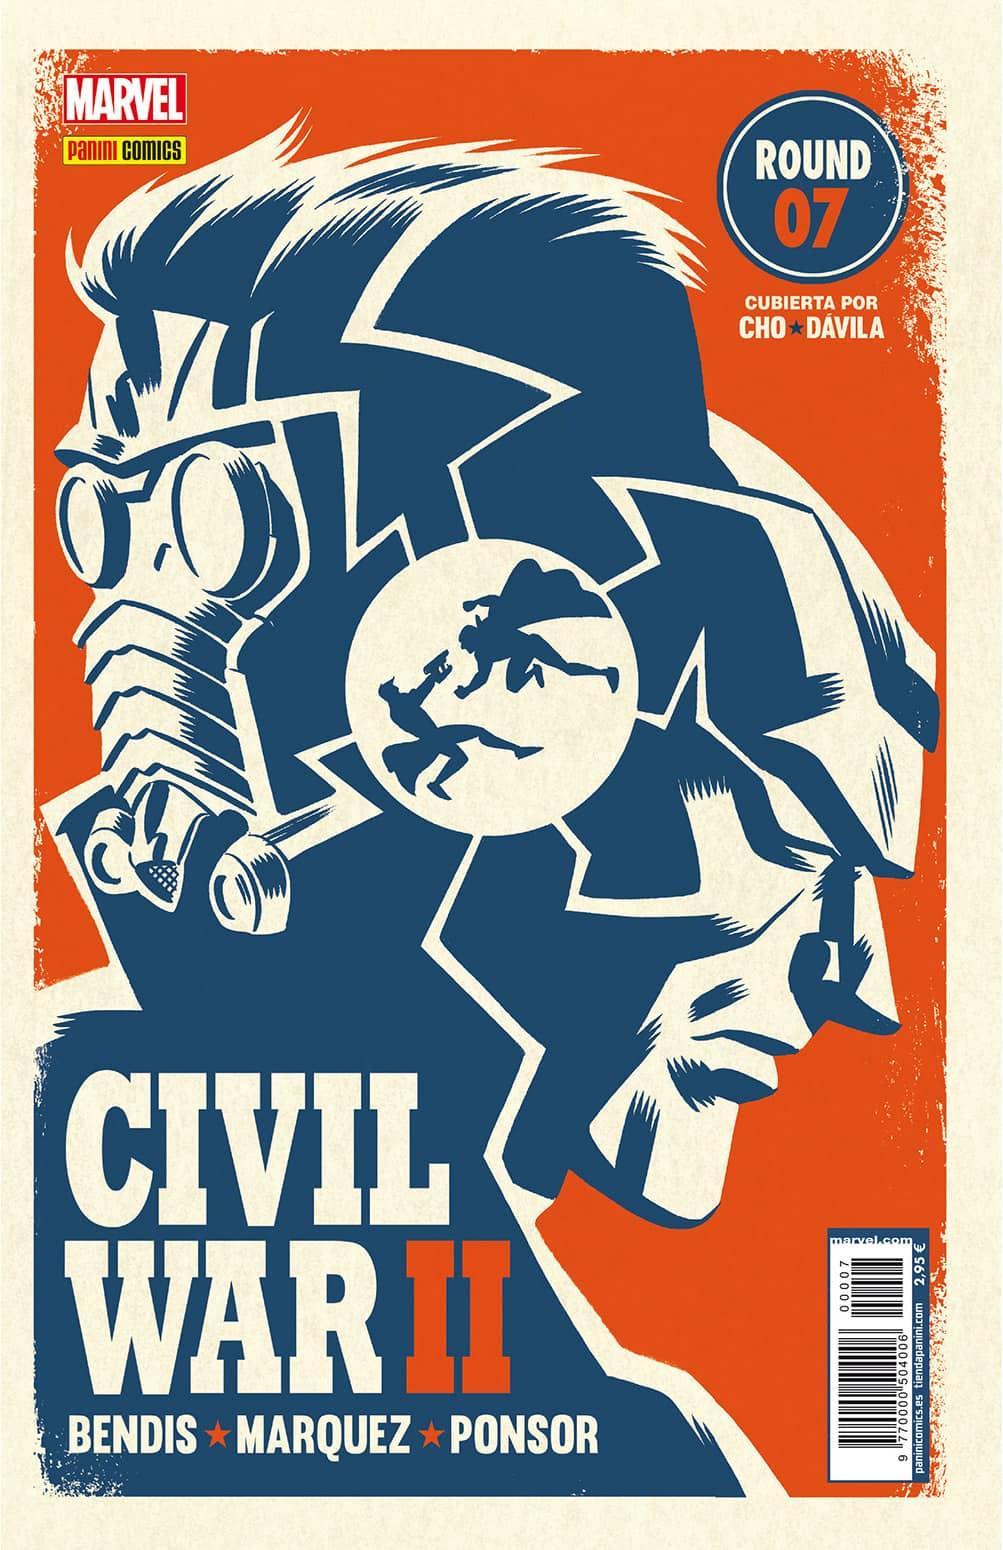 CIVIL WAR II N. 7 (PORTADA  ALTERNATIVA)